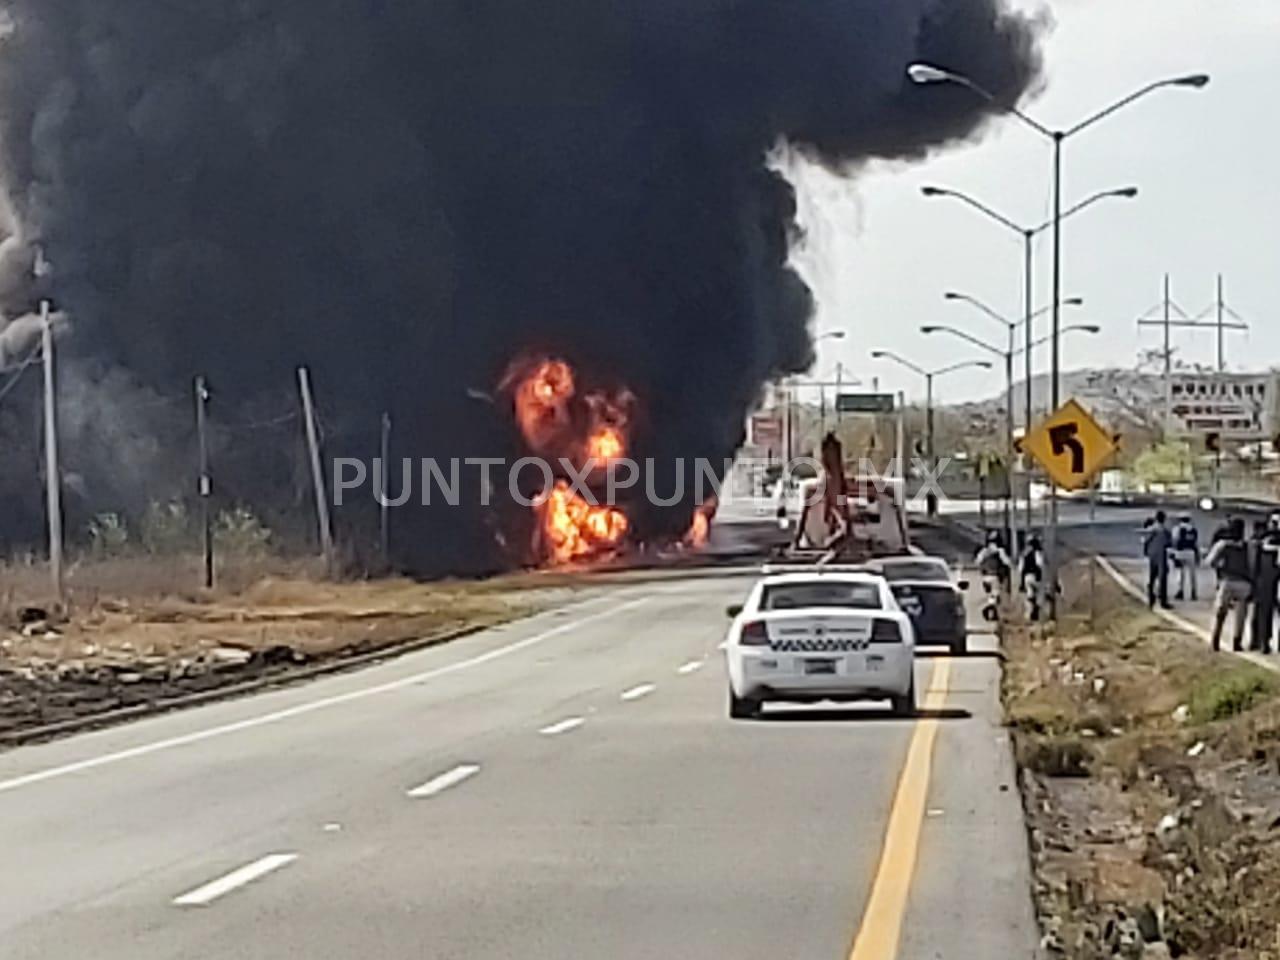 INCENDIO DE UNA PIPA EN MONTEMORELOS MOVILIZA A LOS CUERPOS DE RESCATE Y POLICIACAS.